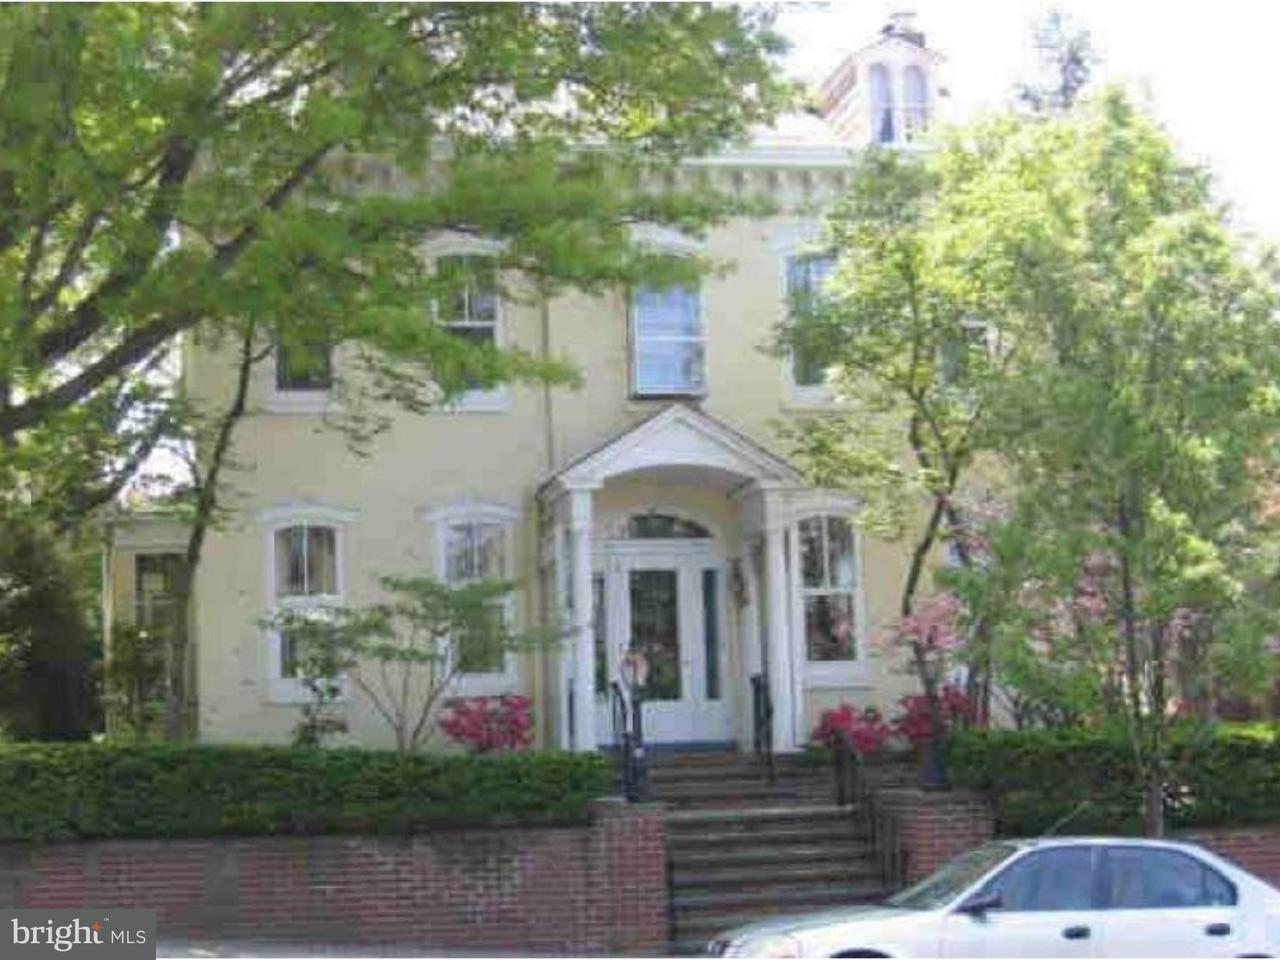 Частный односемейный дом для того Продажа на 207 E MAIN Street Ephrata, Пенсильвания 17522 Соединенные Штаты